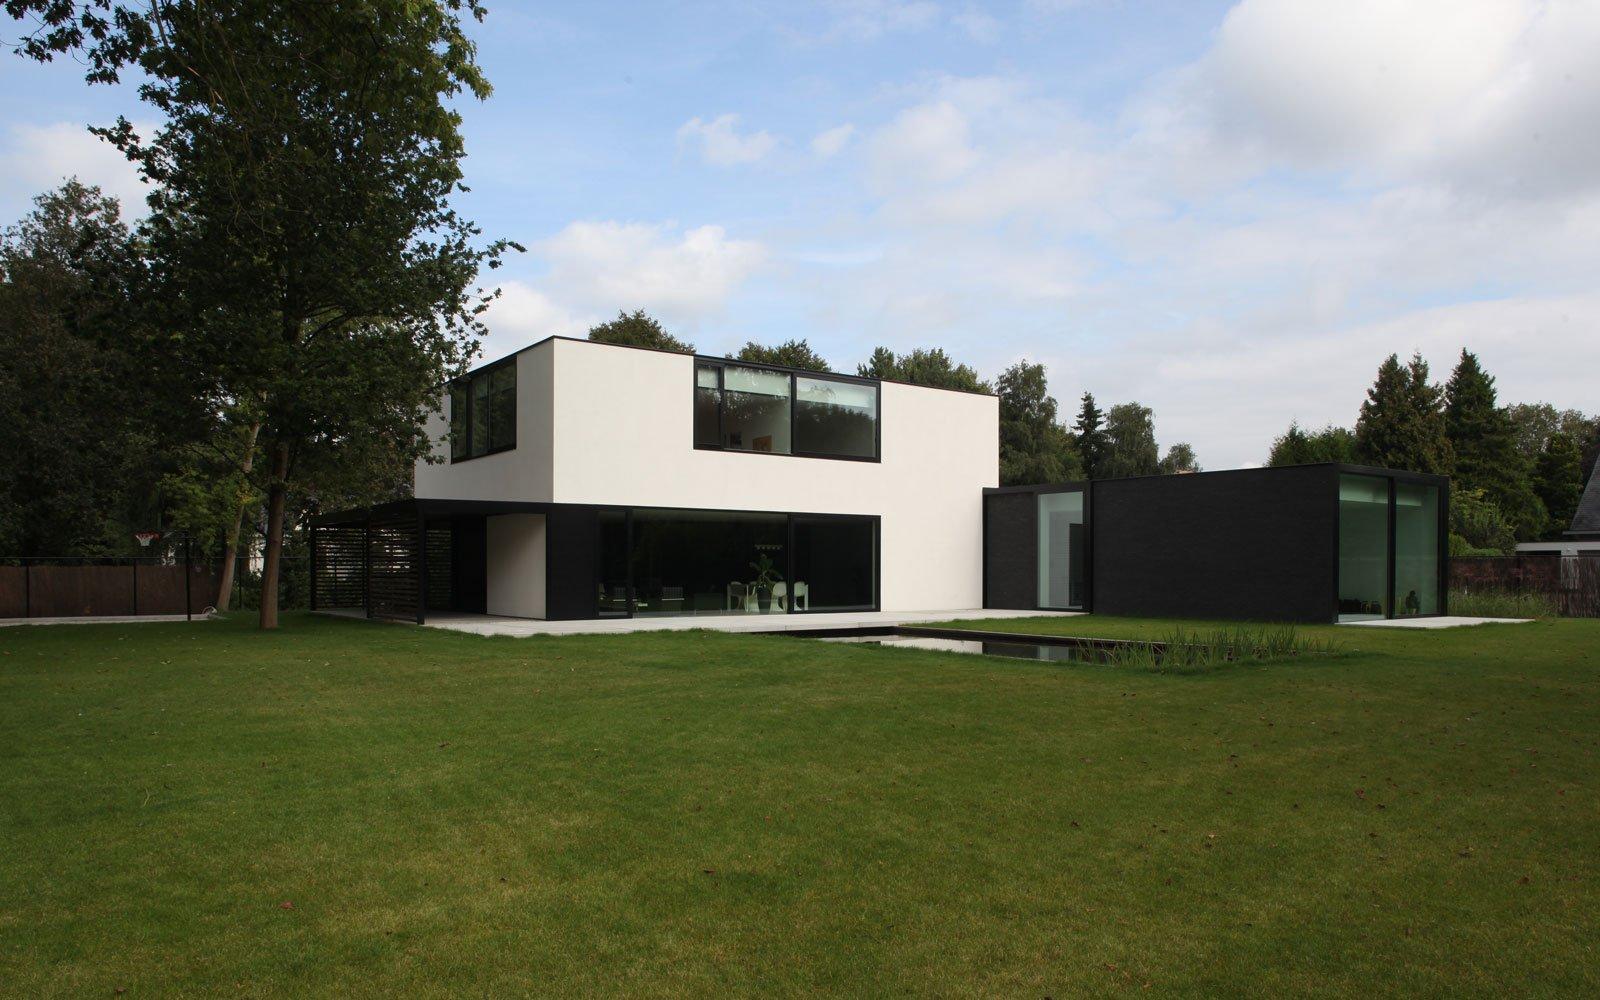 Zwemvijver, tuinarchitectuur, tuin, Ecovie, Kantoorgebouw | icoon.be architecten